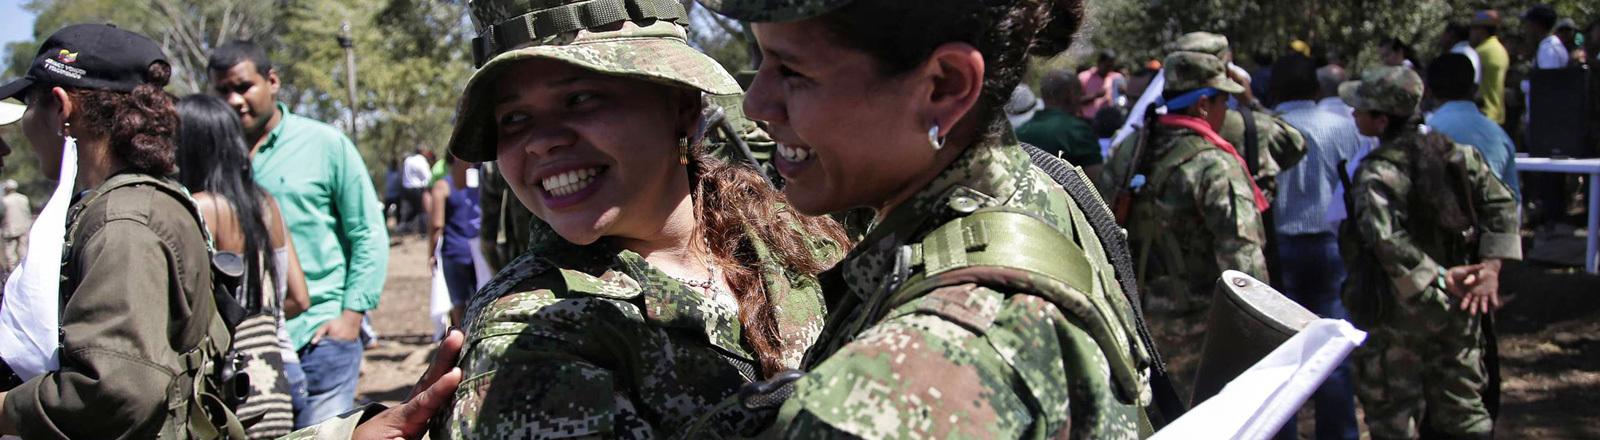 Zwei Ex-FARC-Rebellinnen umarmen sich in einer Transitzone. Dort werden die Waffen abgelegt. (01.02.2017)